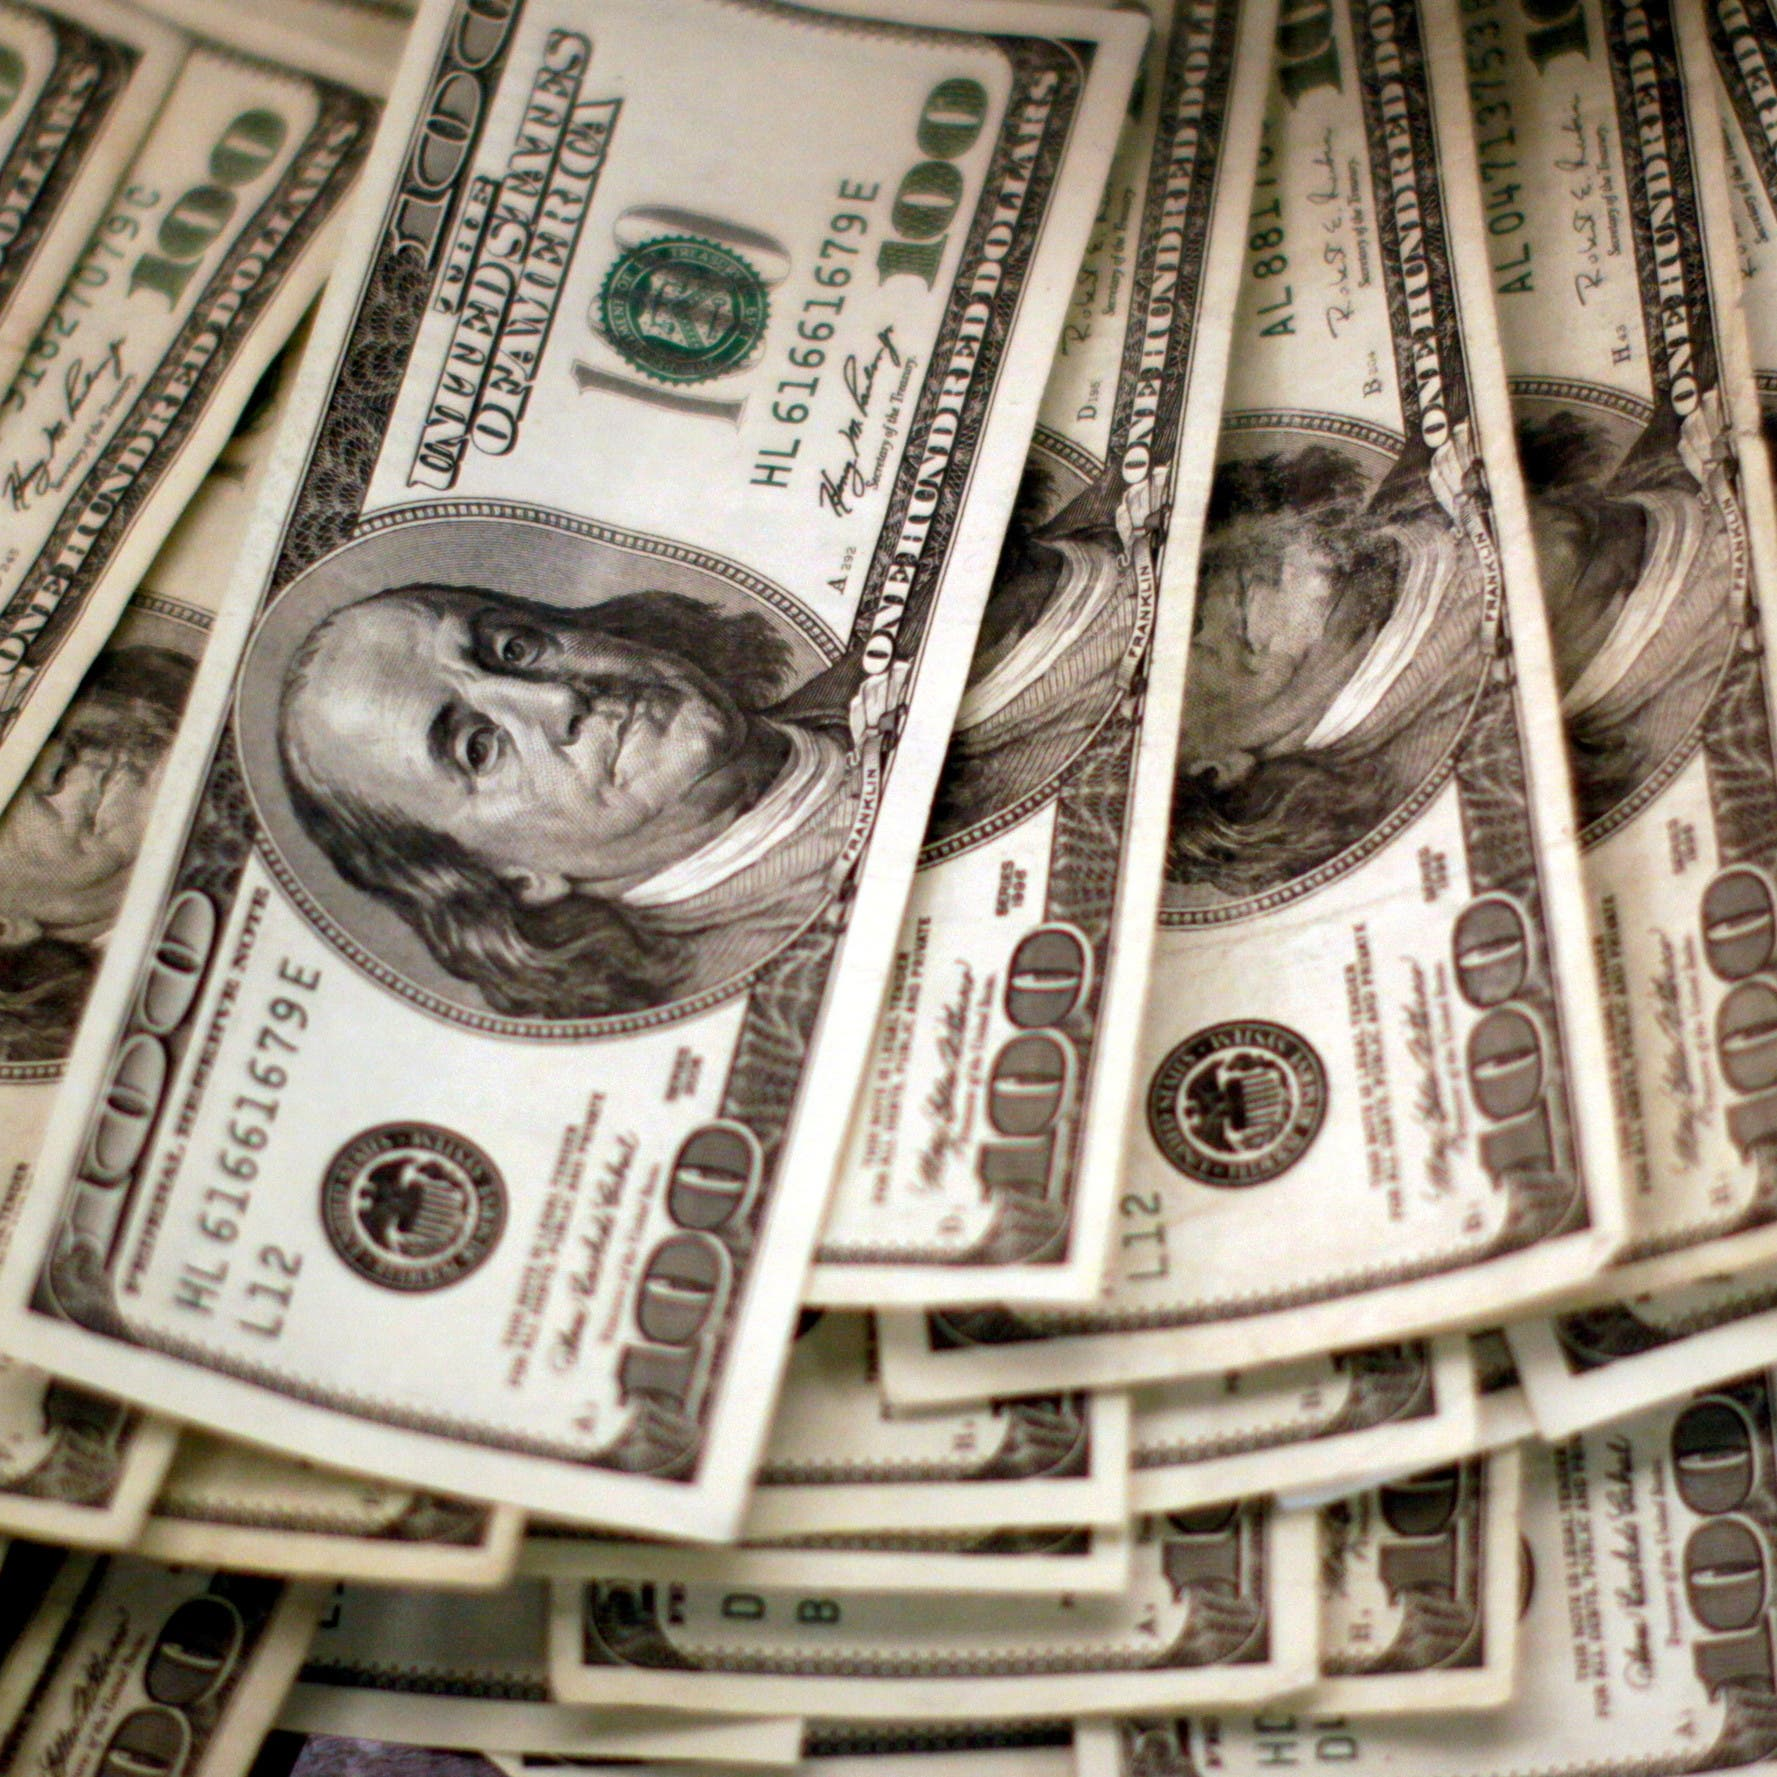 الدولار يتراجع عن قمة 9 أشهر في ظل تحسن المعنويات